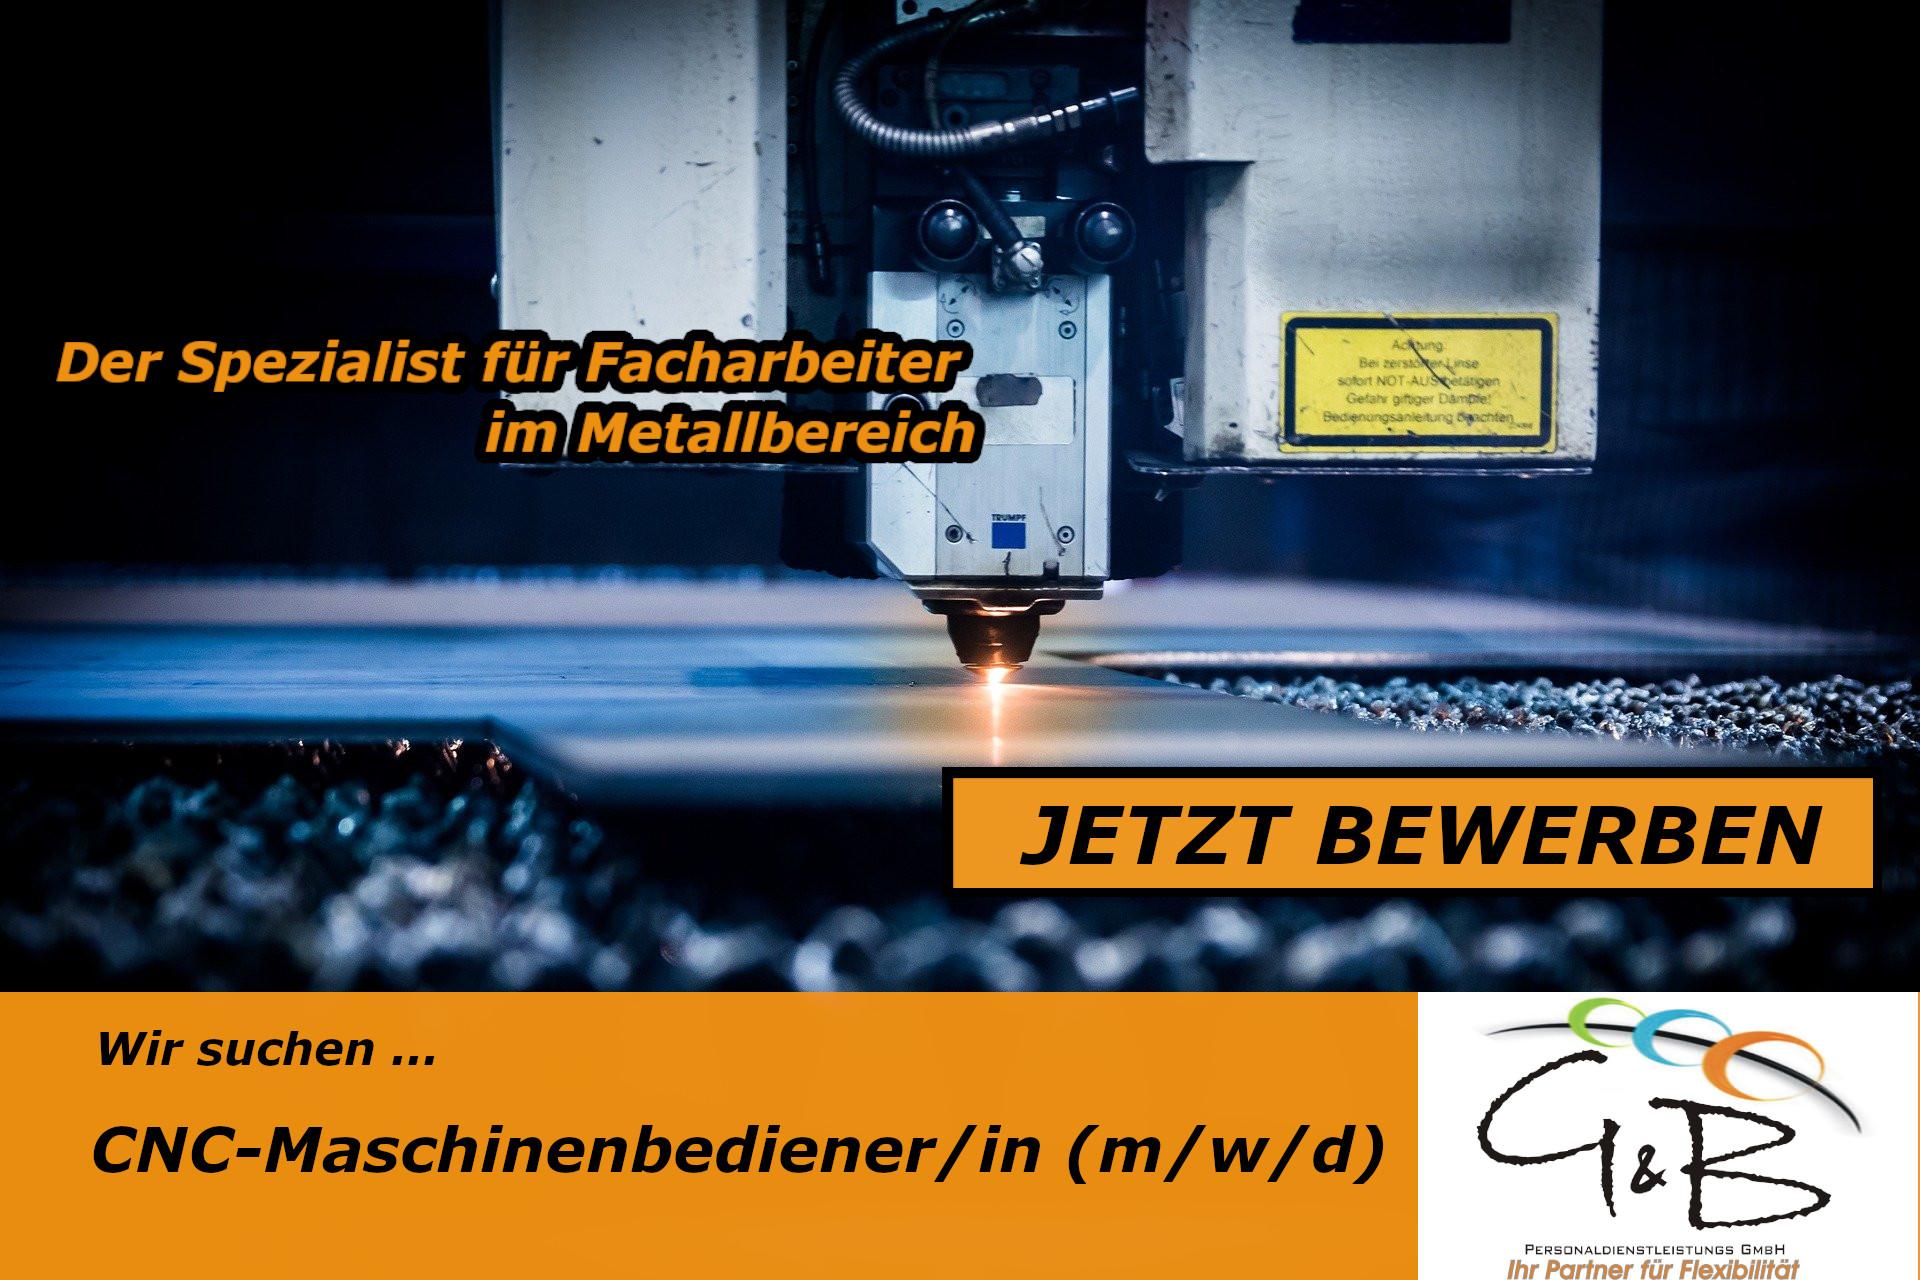 G&B_CNC-Maschinenbediener